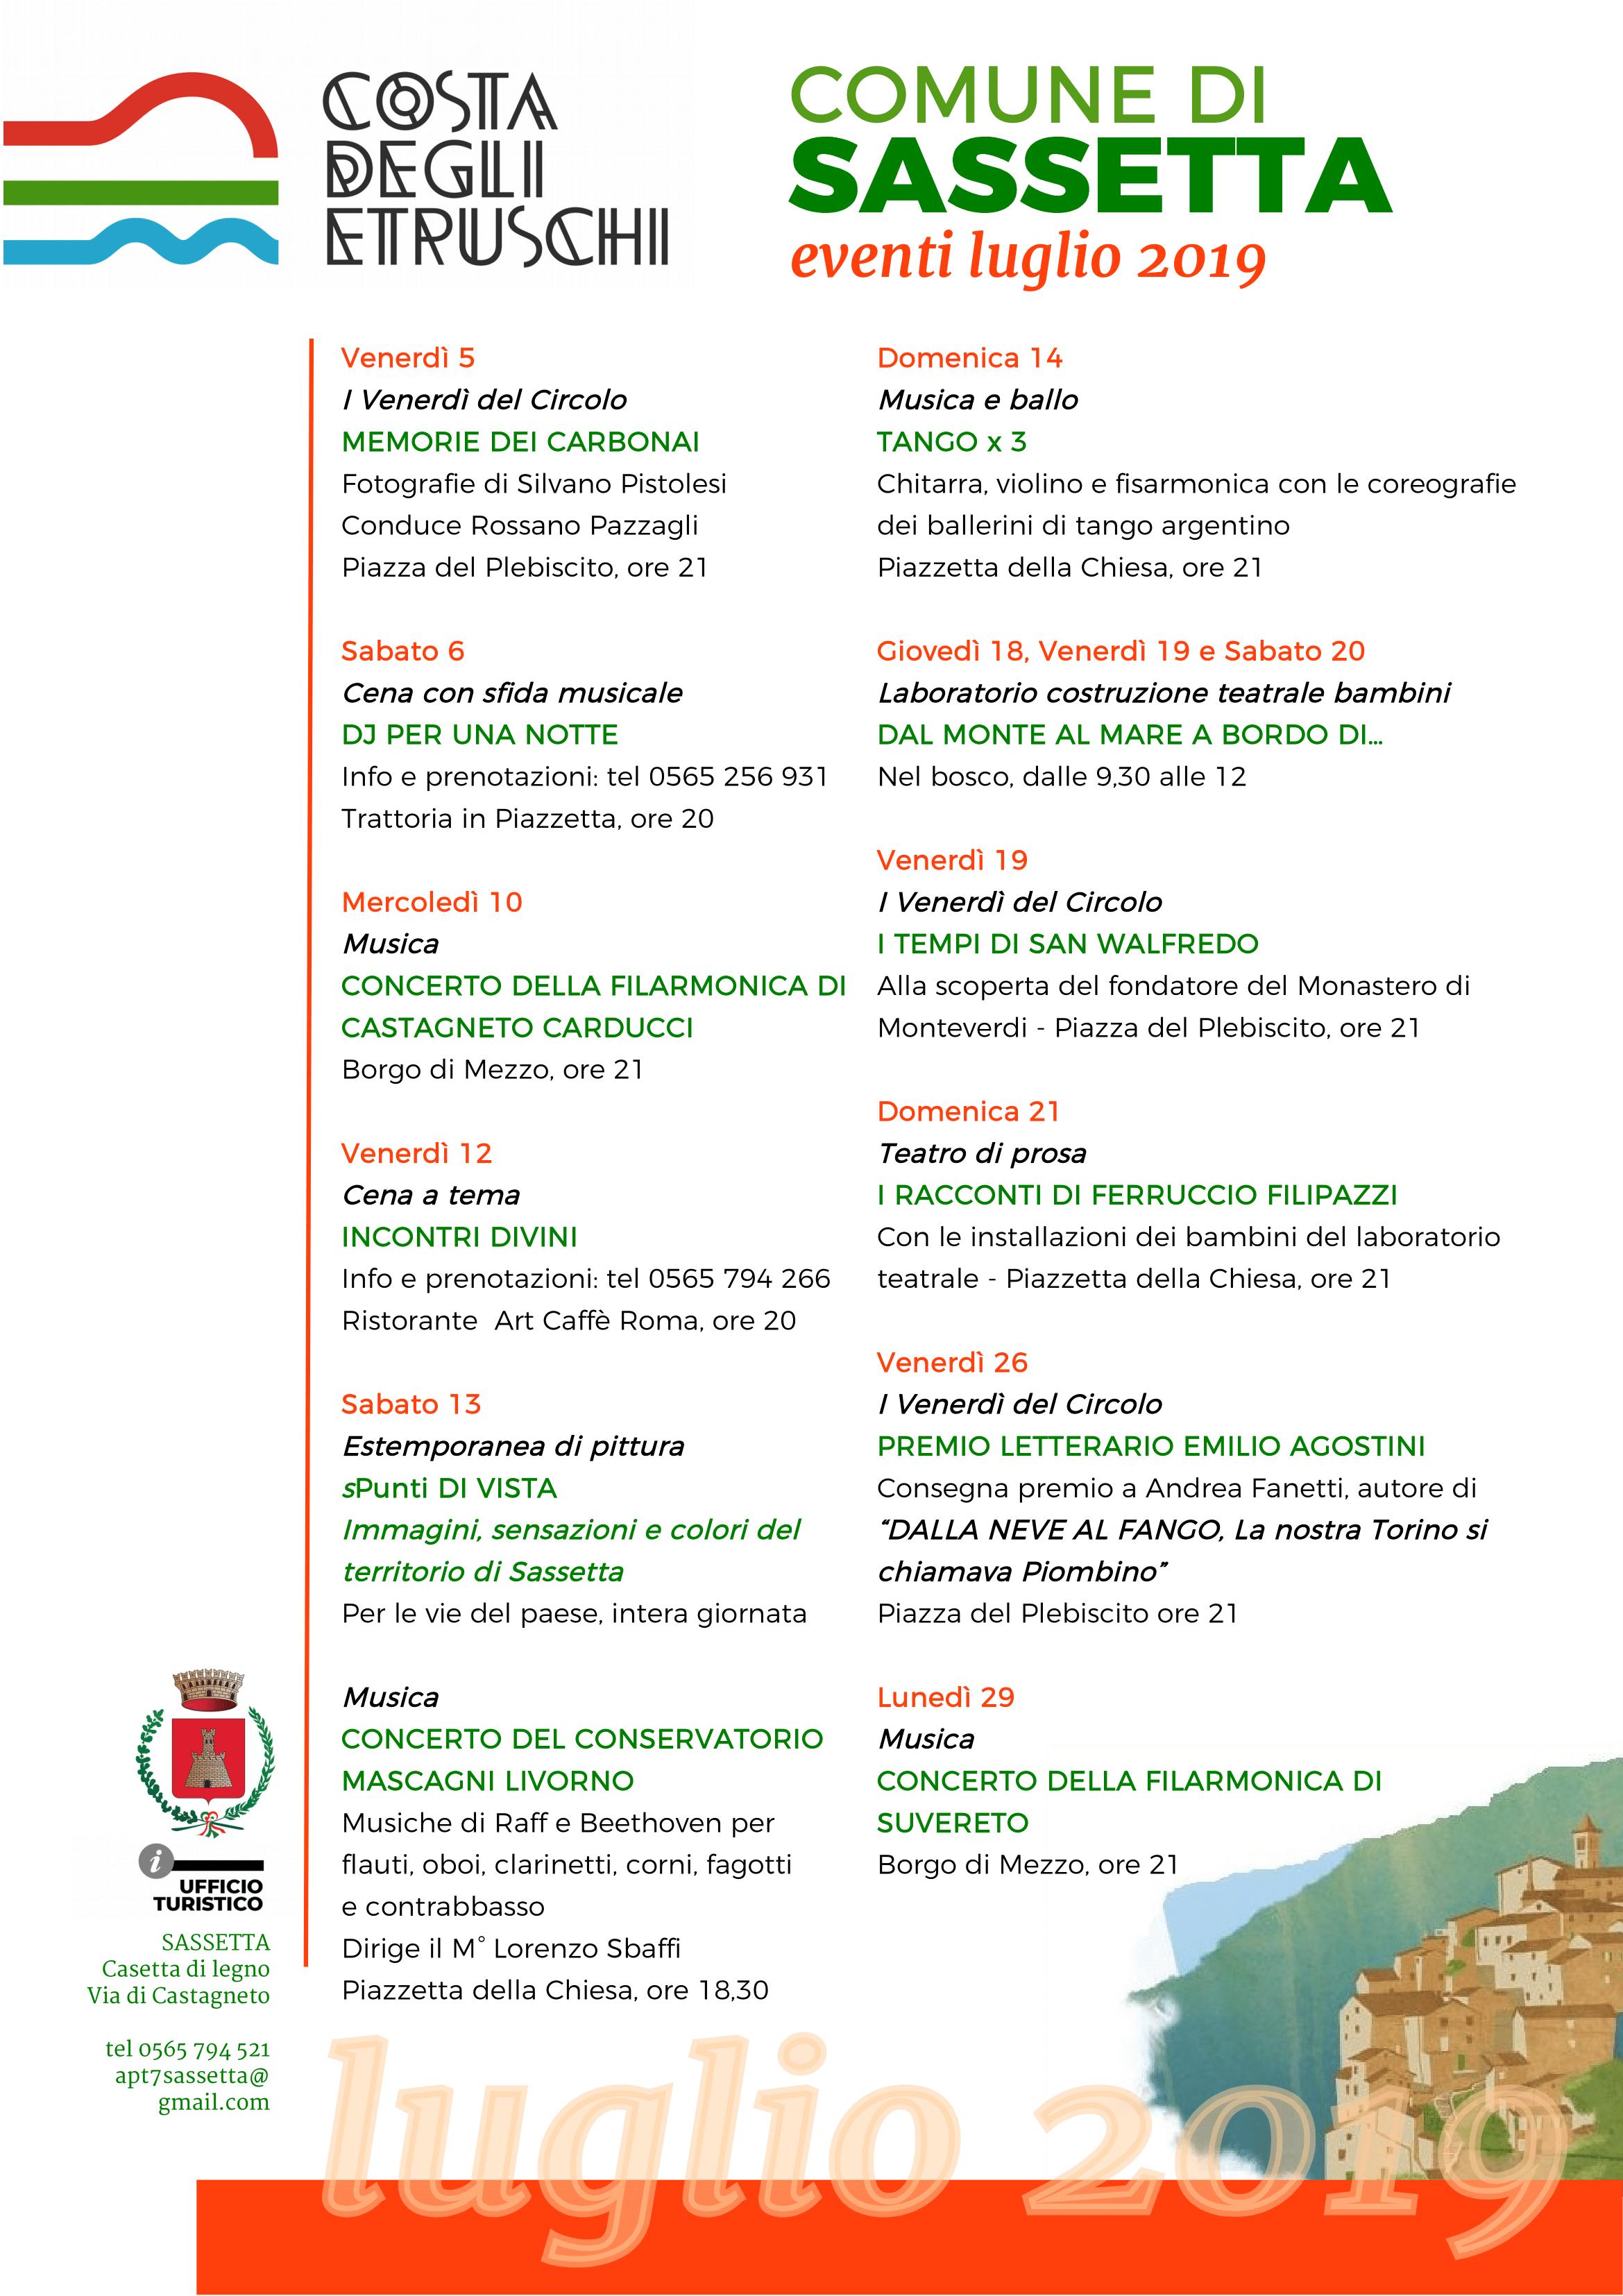 Calendario eventi luglio 2019